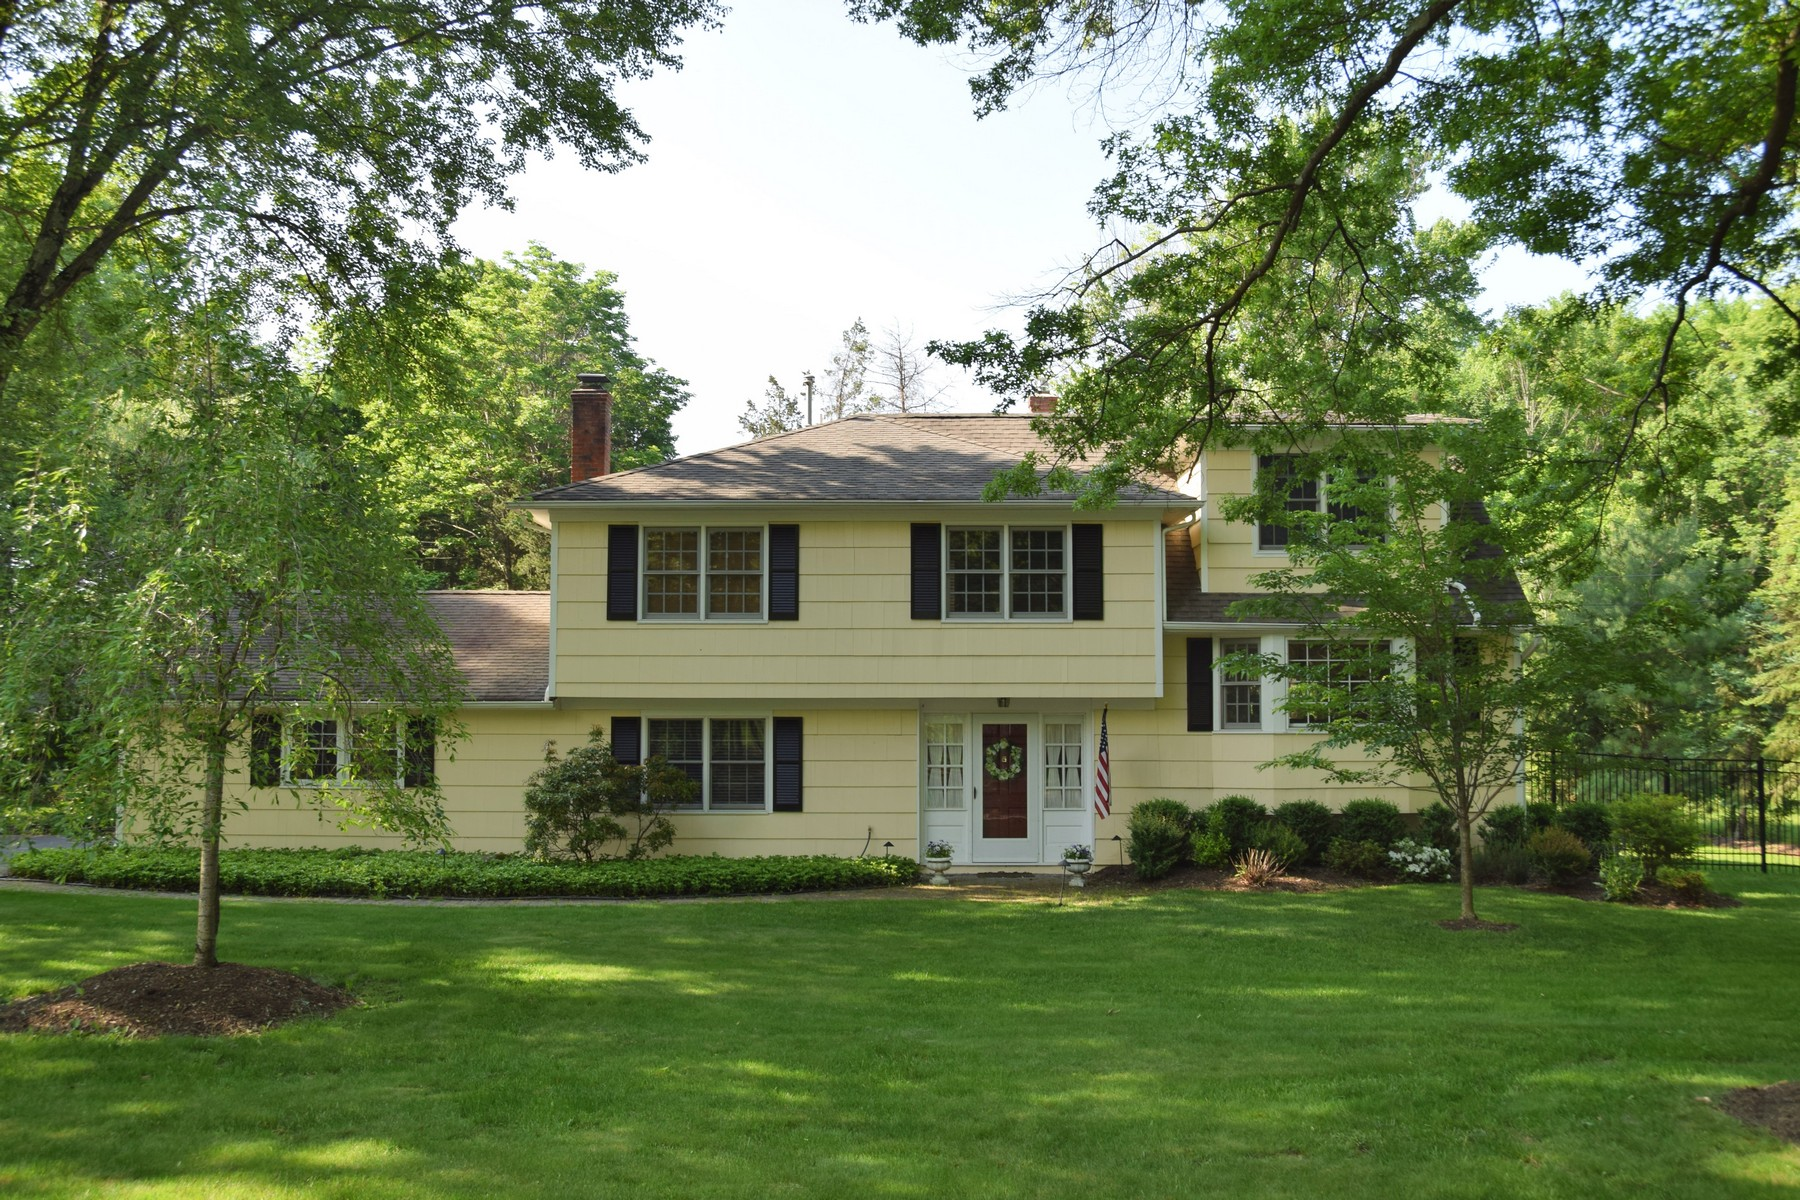 Casa Unifamiliar por un Venta en Beautifully Maintained Home 97 Lyons Place Basking Ridge, Nueva Jersey, 07920 Estados Unidos